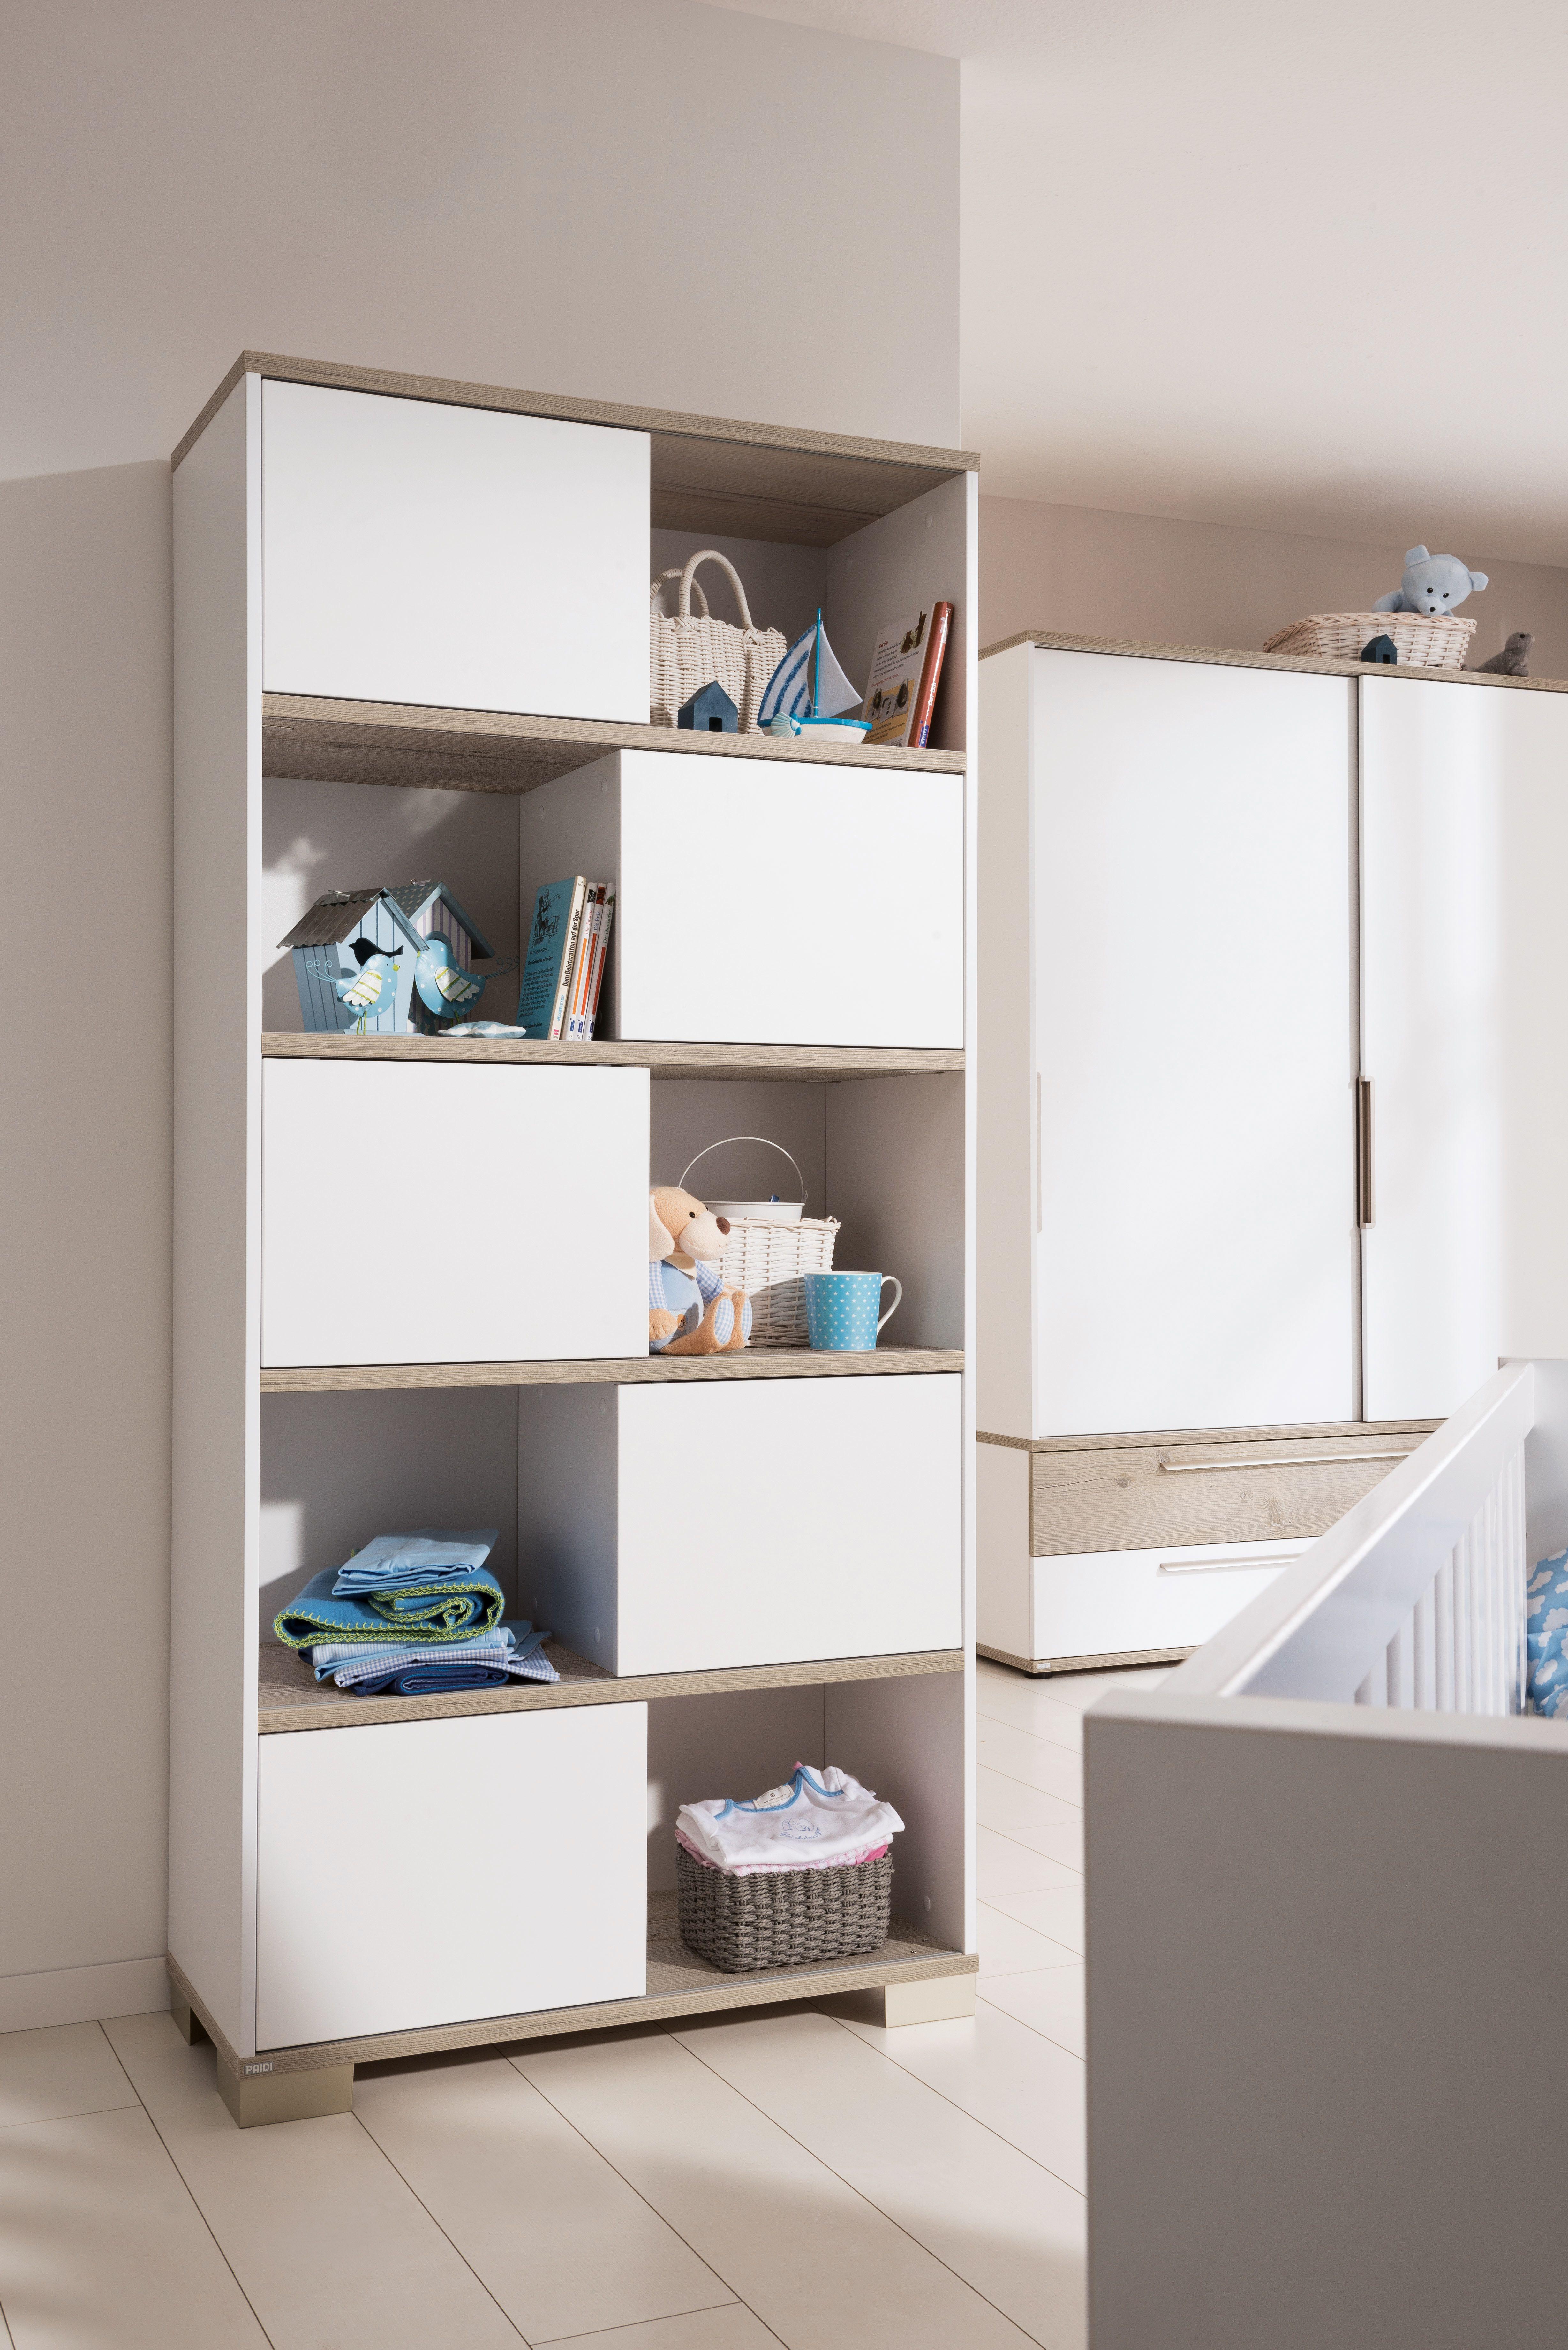 Babyrooms Baby room, Room, Baby